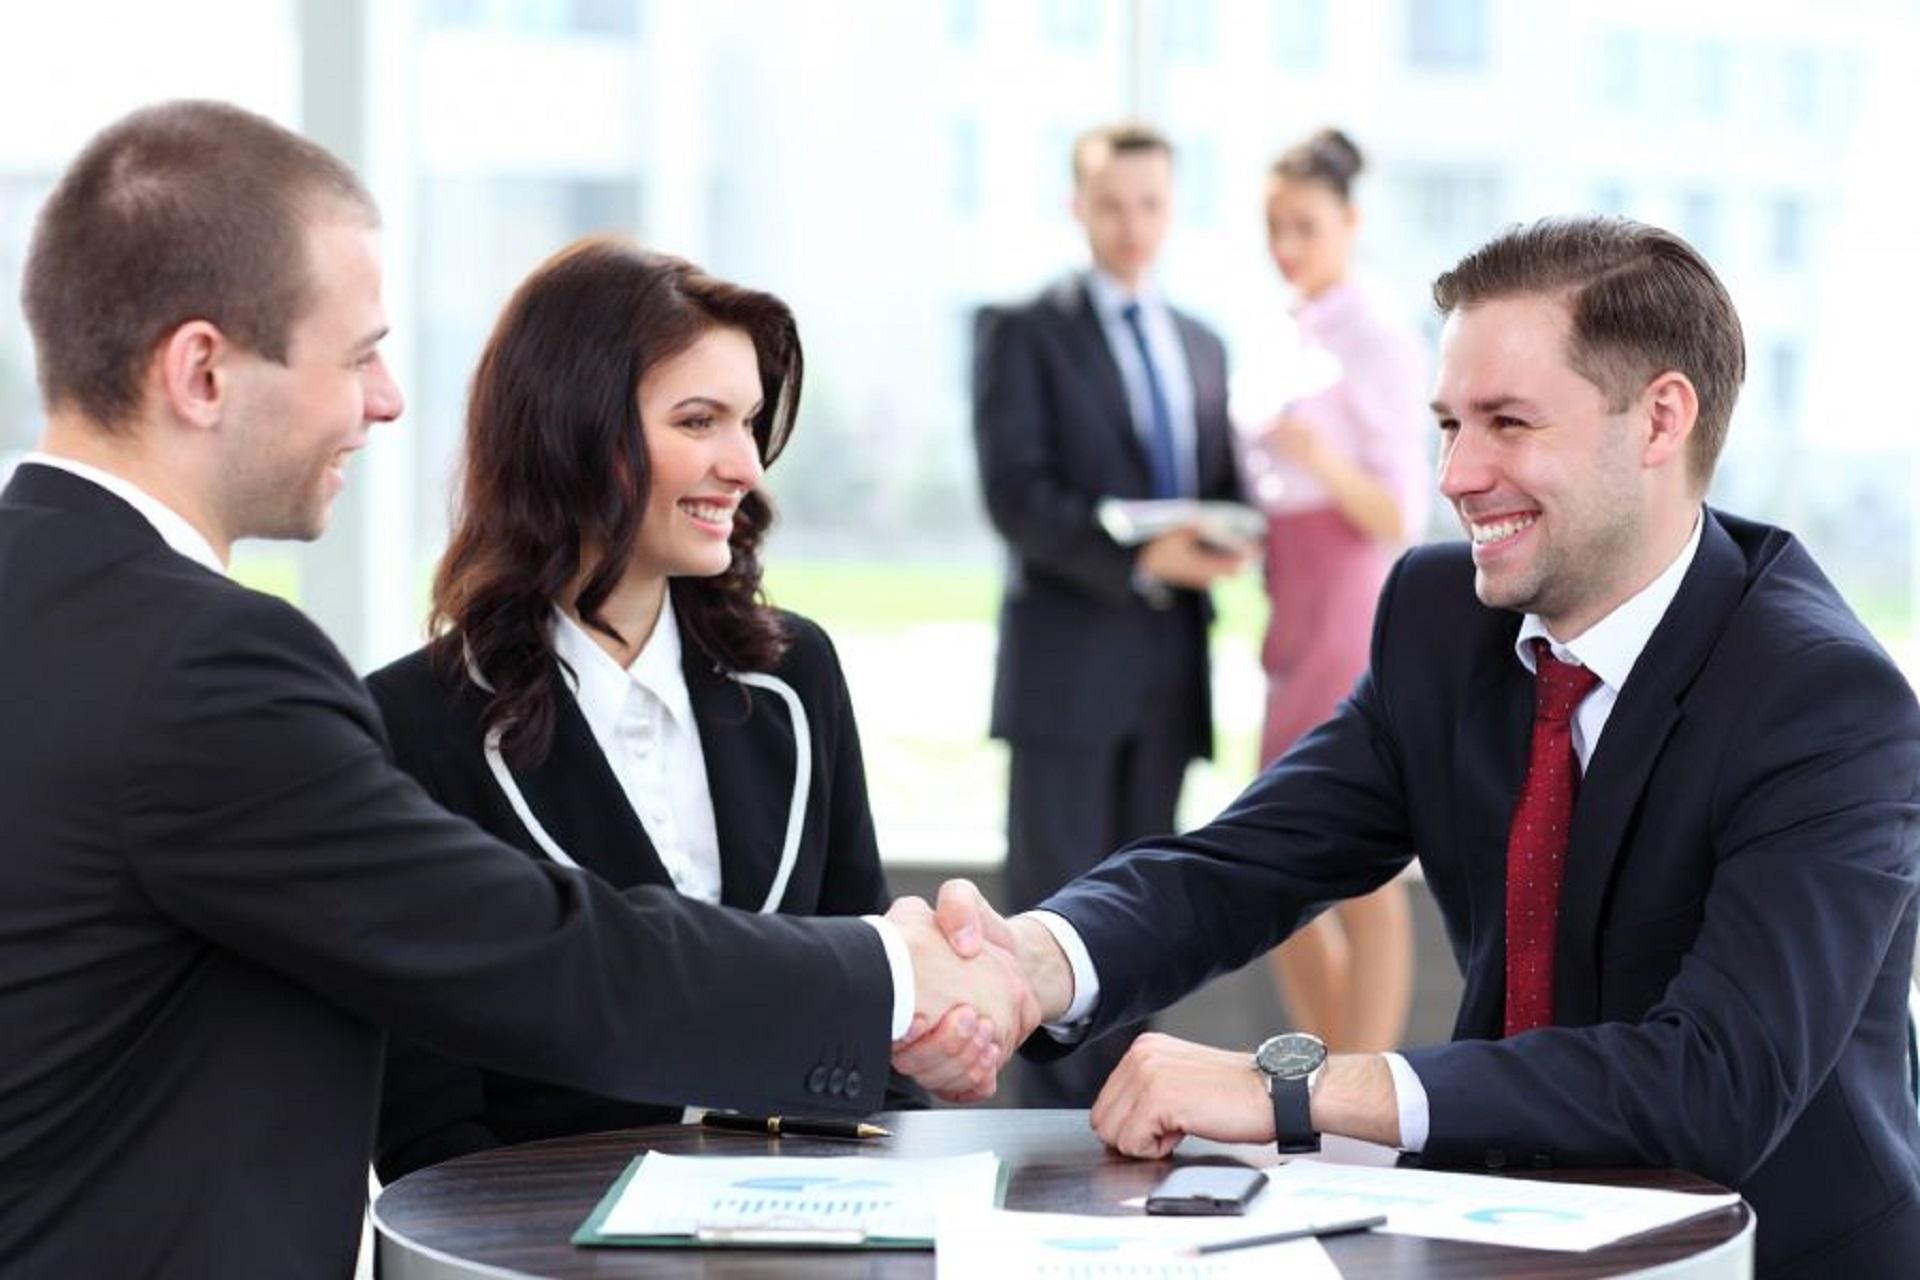 Data sale khách hàng doanh nghiệp